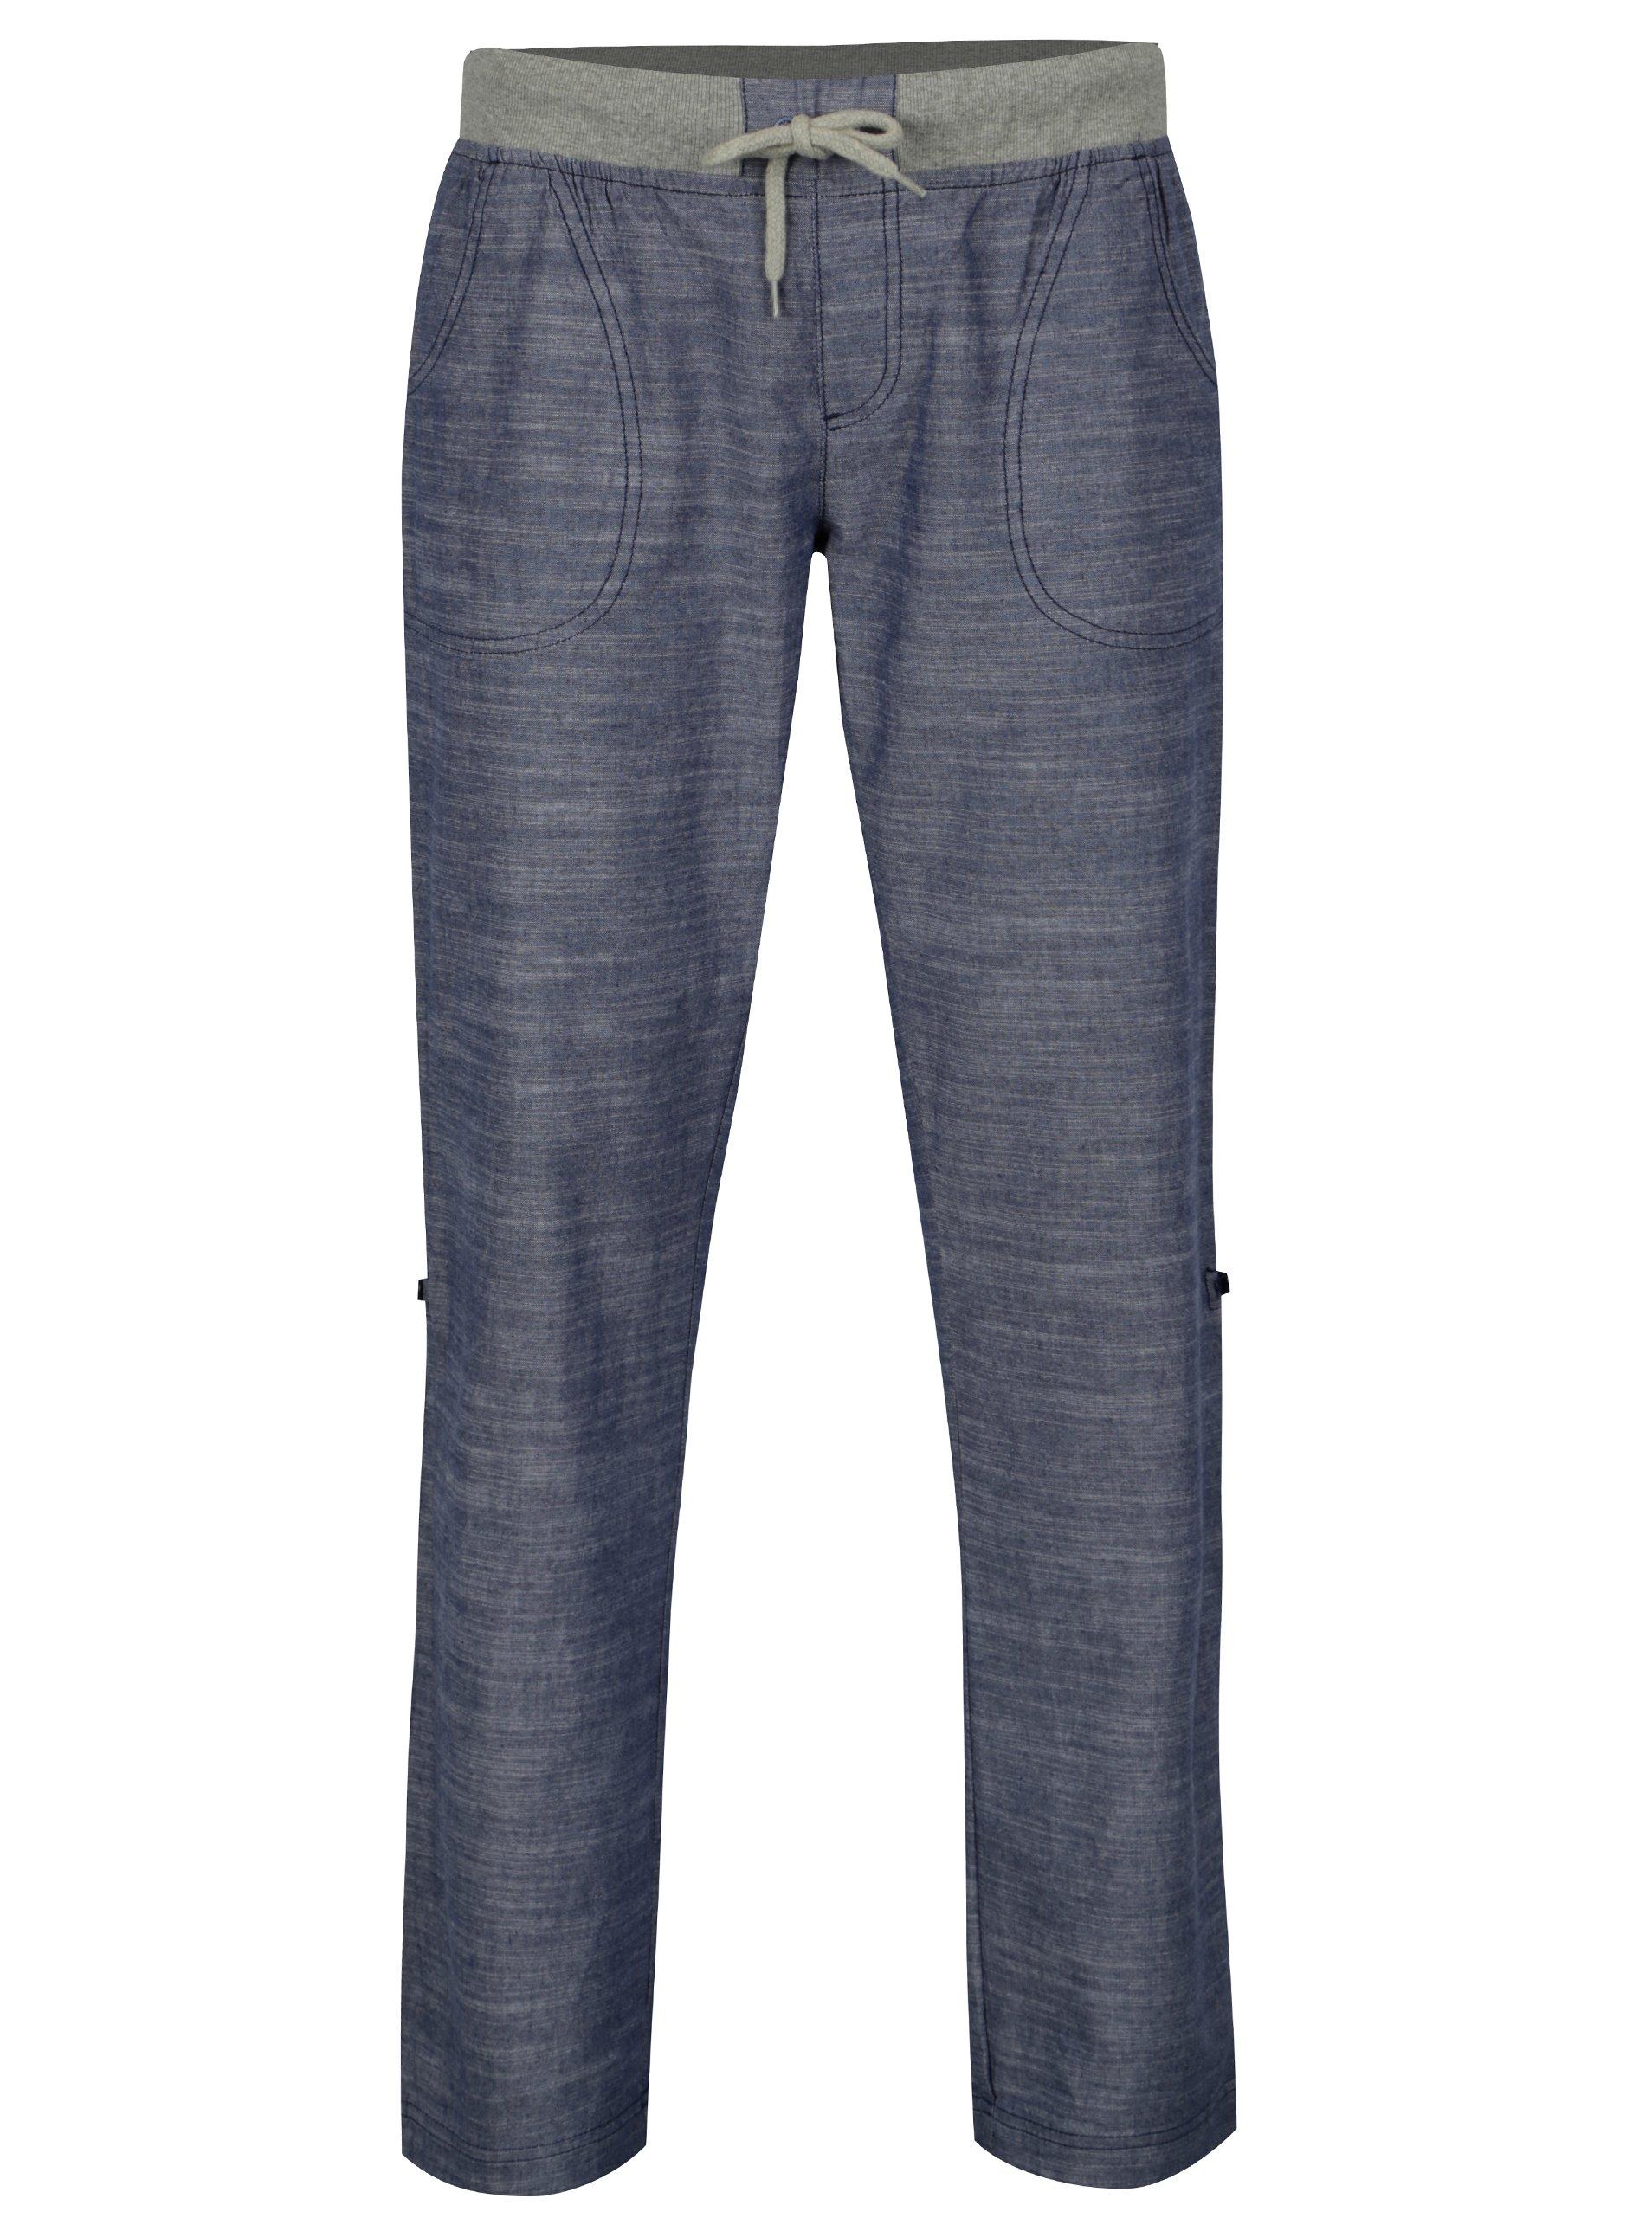 a28bc812a6a9 Modré dámske nohavice LOAP Nadeta